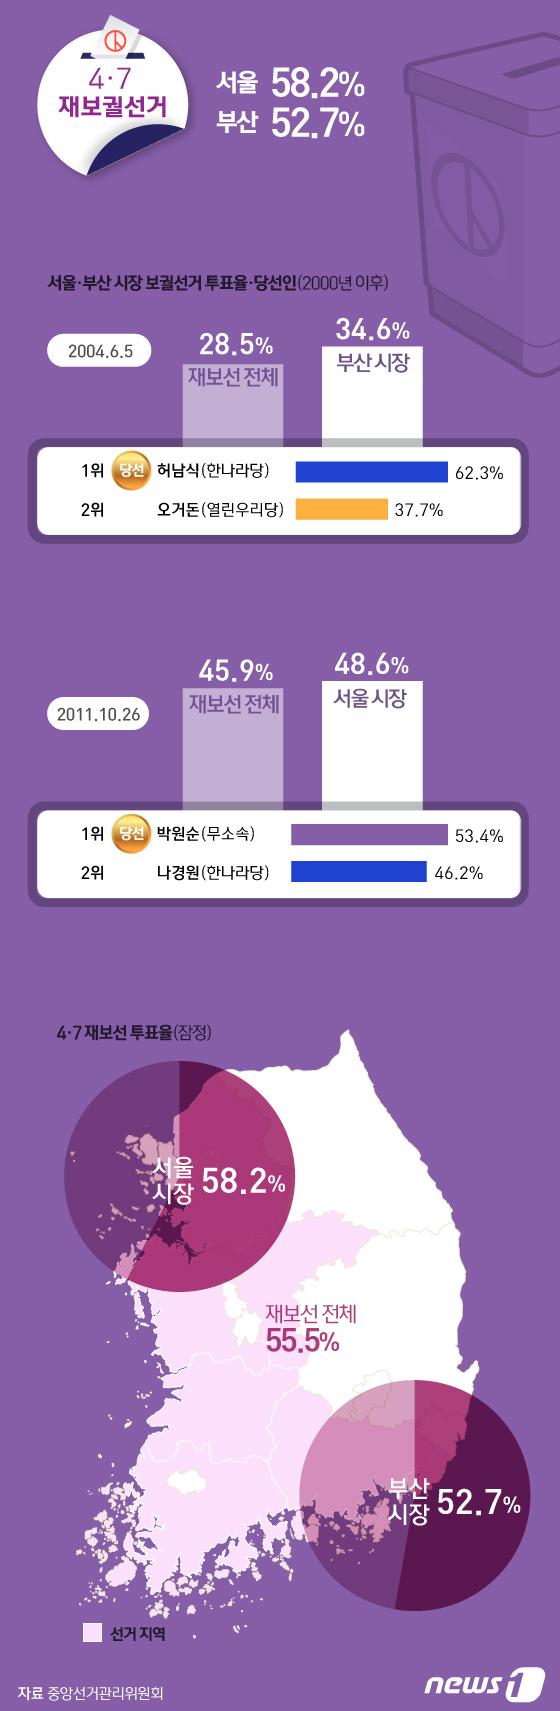 [그래픽뉴스] 4.7 재보선 서울 58.2%, 부산 52.7%